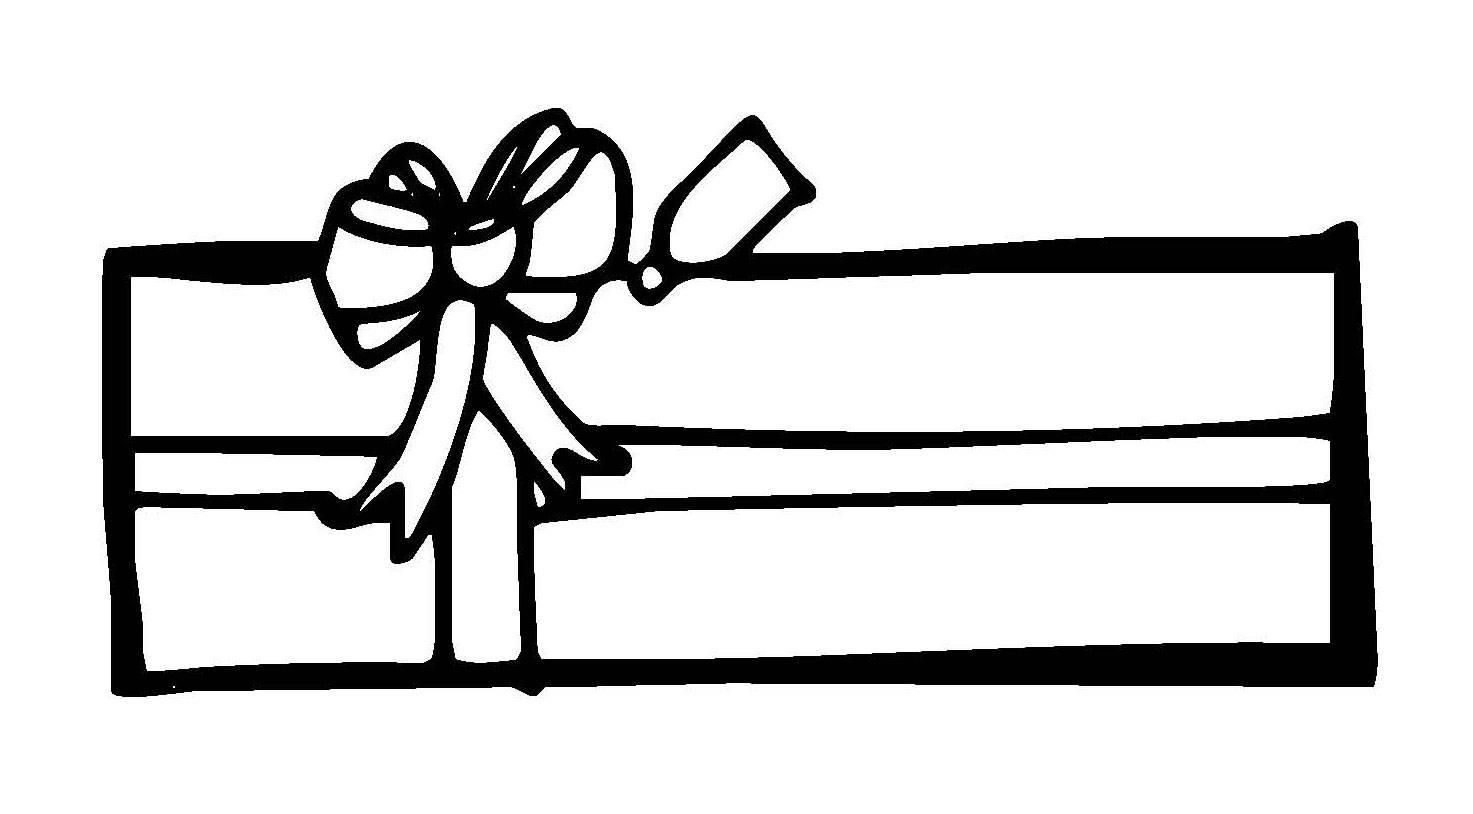 Kostenlose Malvorlage Weihnachten: Langes Weihnachtsgeschenk zum ...